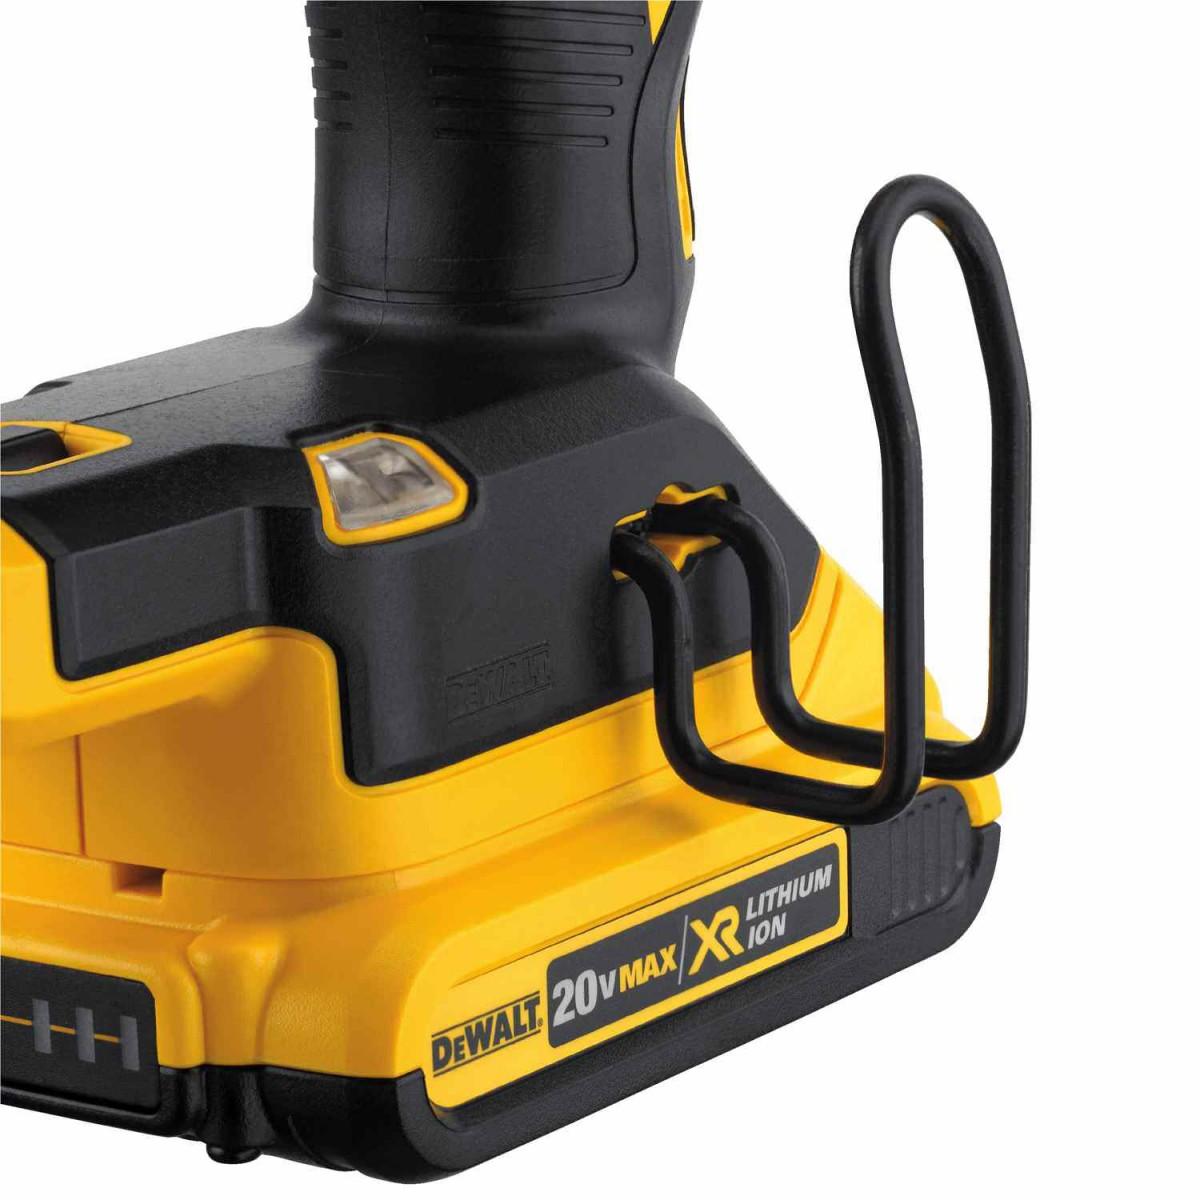 Dewalt DCN680D1  20V Max XR 18 Ga Brushless Brad Nailer Kit with 2.0Ah Battery